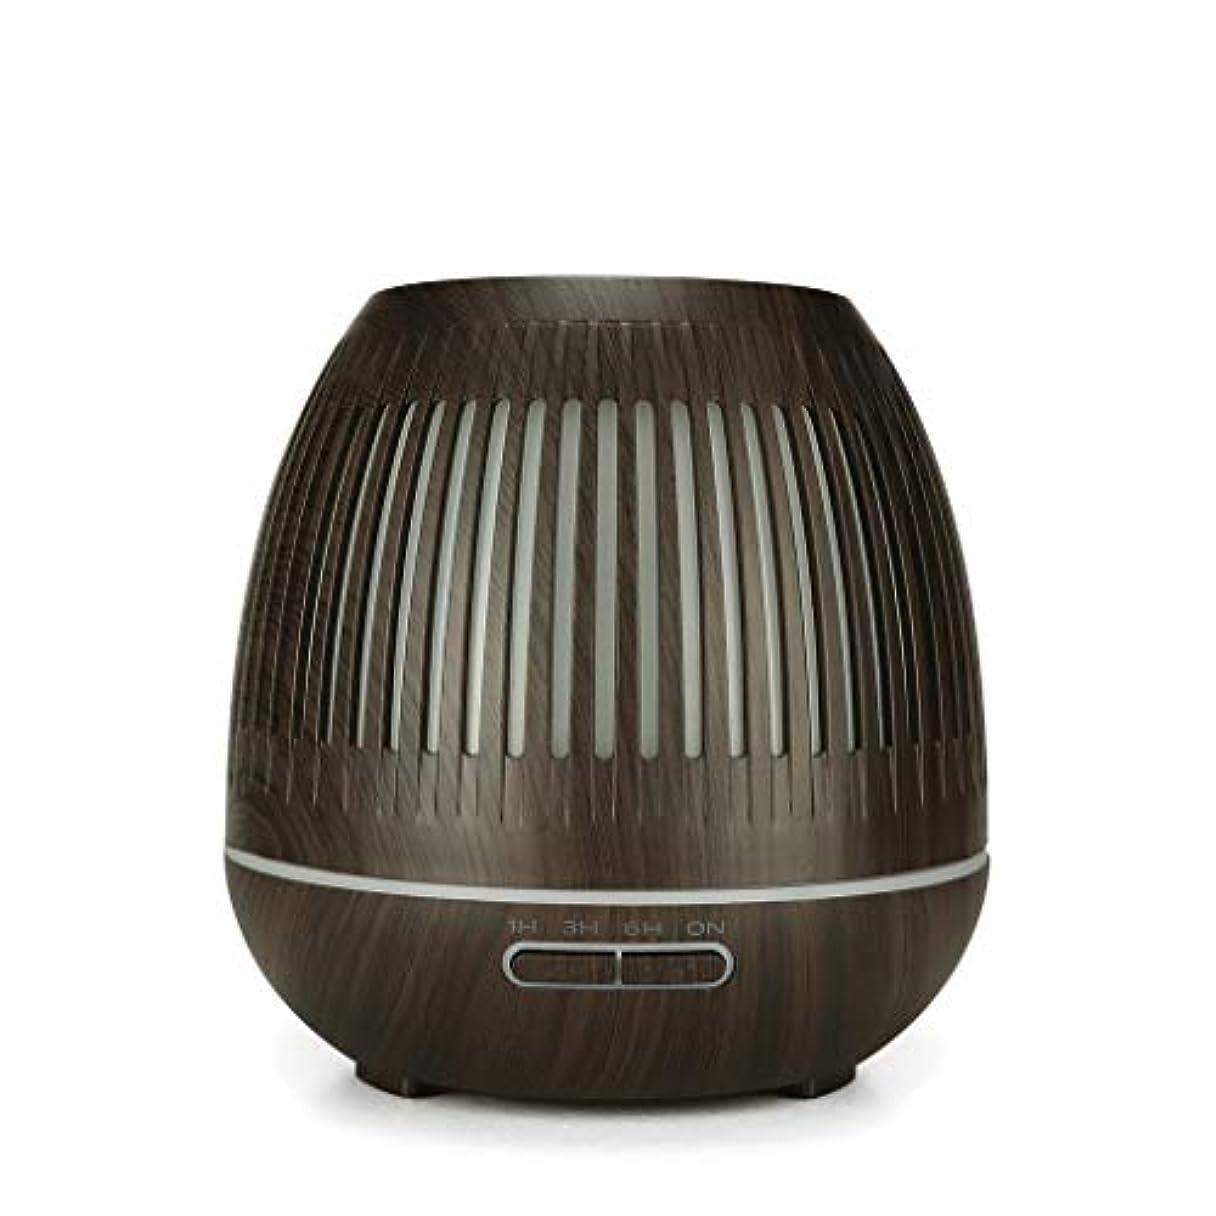 戦争興味テレビ400ミリリットル超音波クールミスト加湿器付きカラーledライト用ホームヨガオフィススパ寝室ベビールーム - ウッドグレインディフューザー (Color : Dark wood grain)